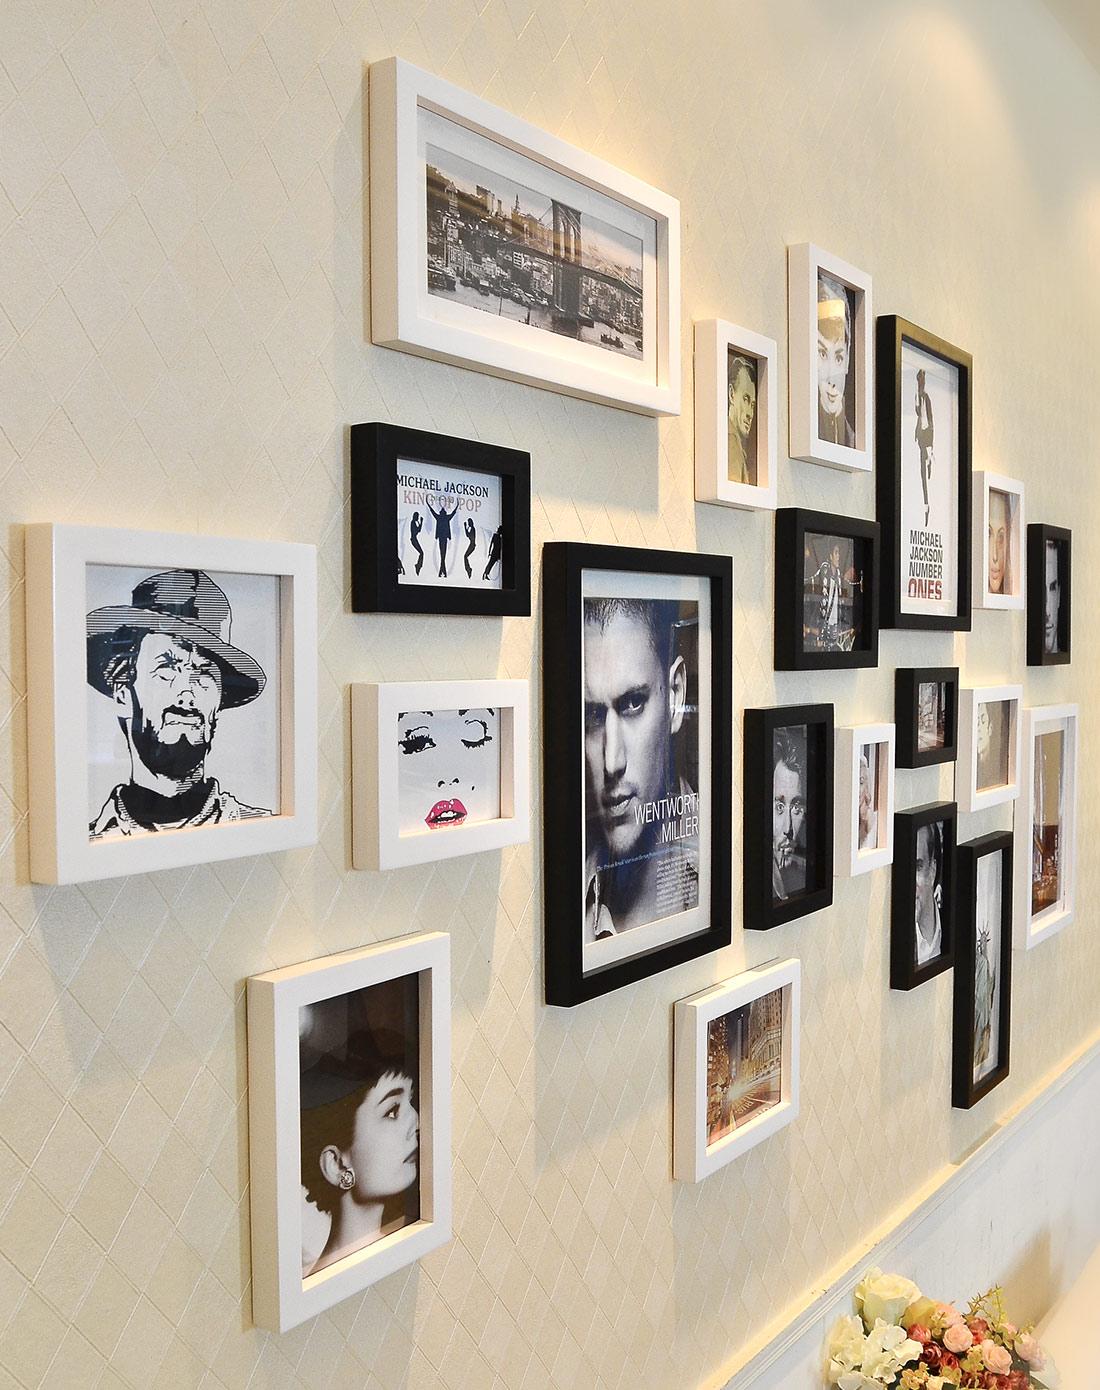 20框结婚照的照片墙黑白遐想组合